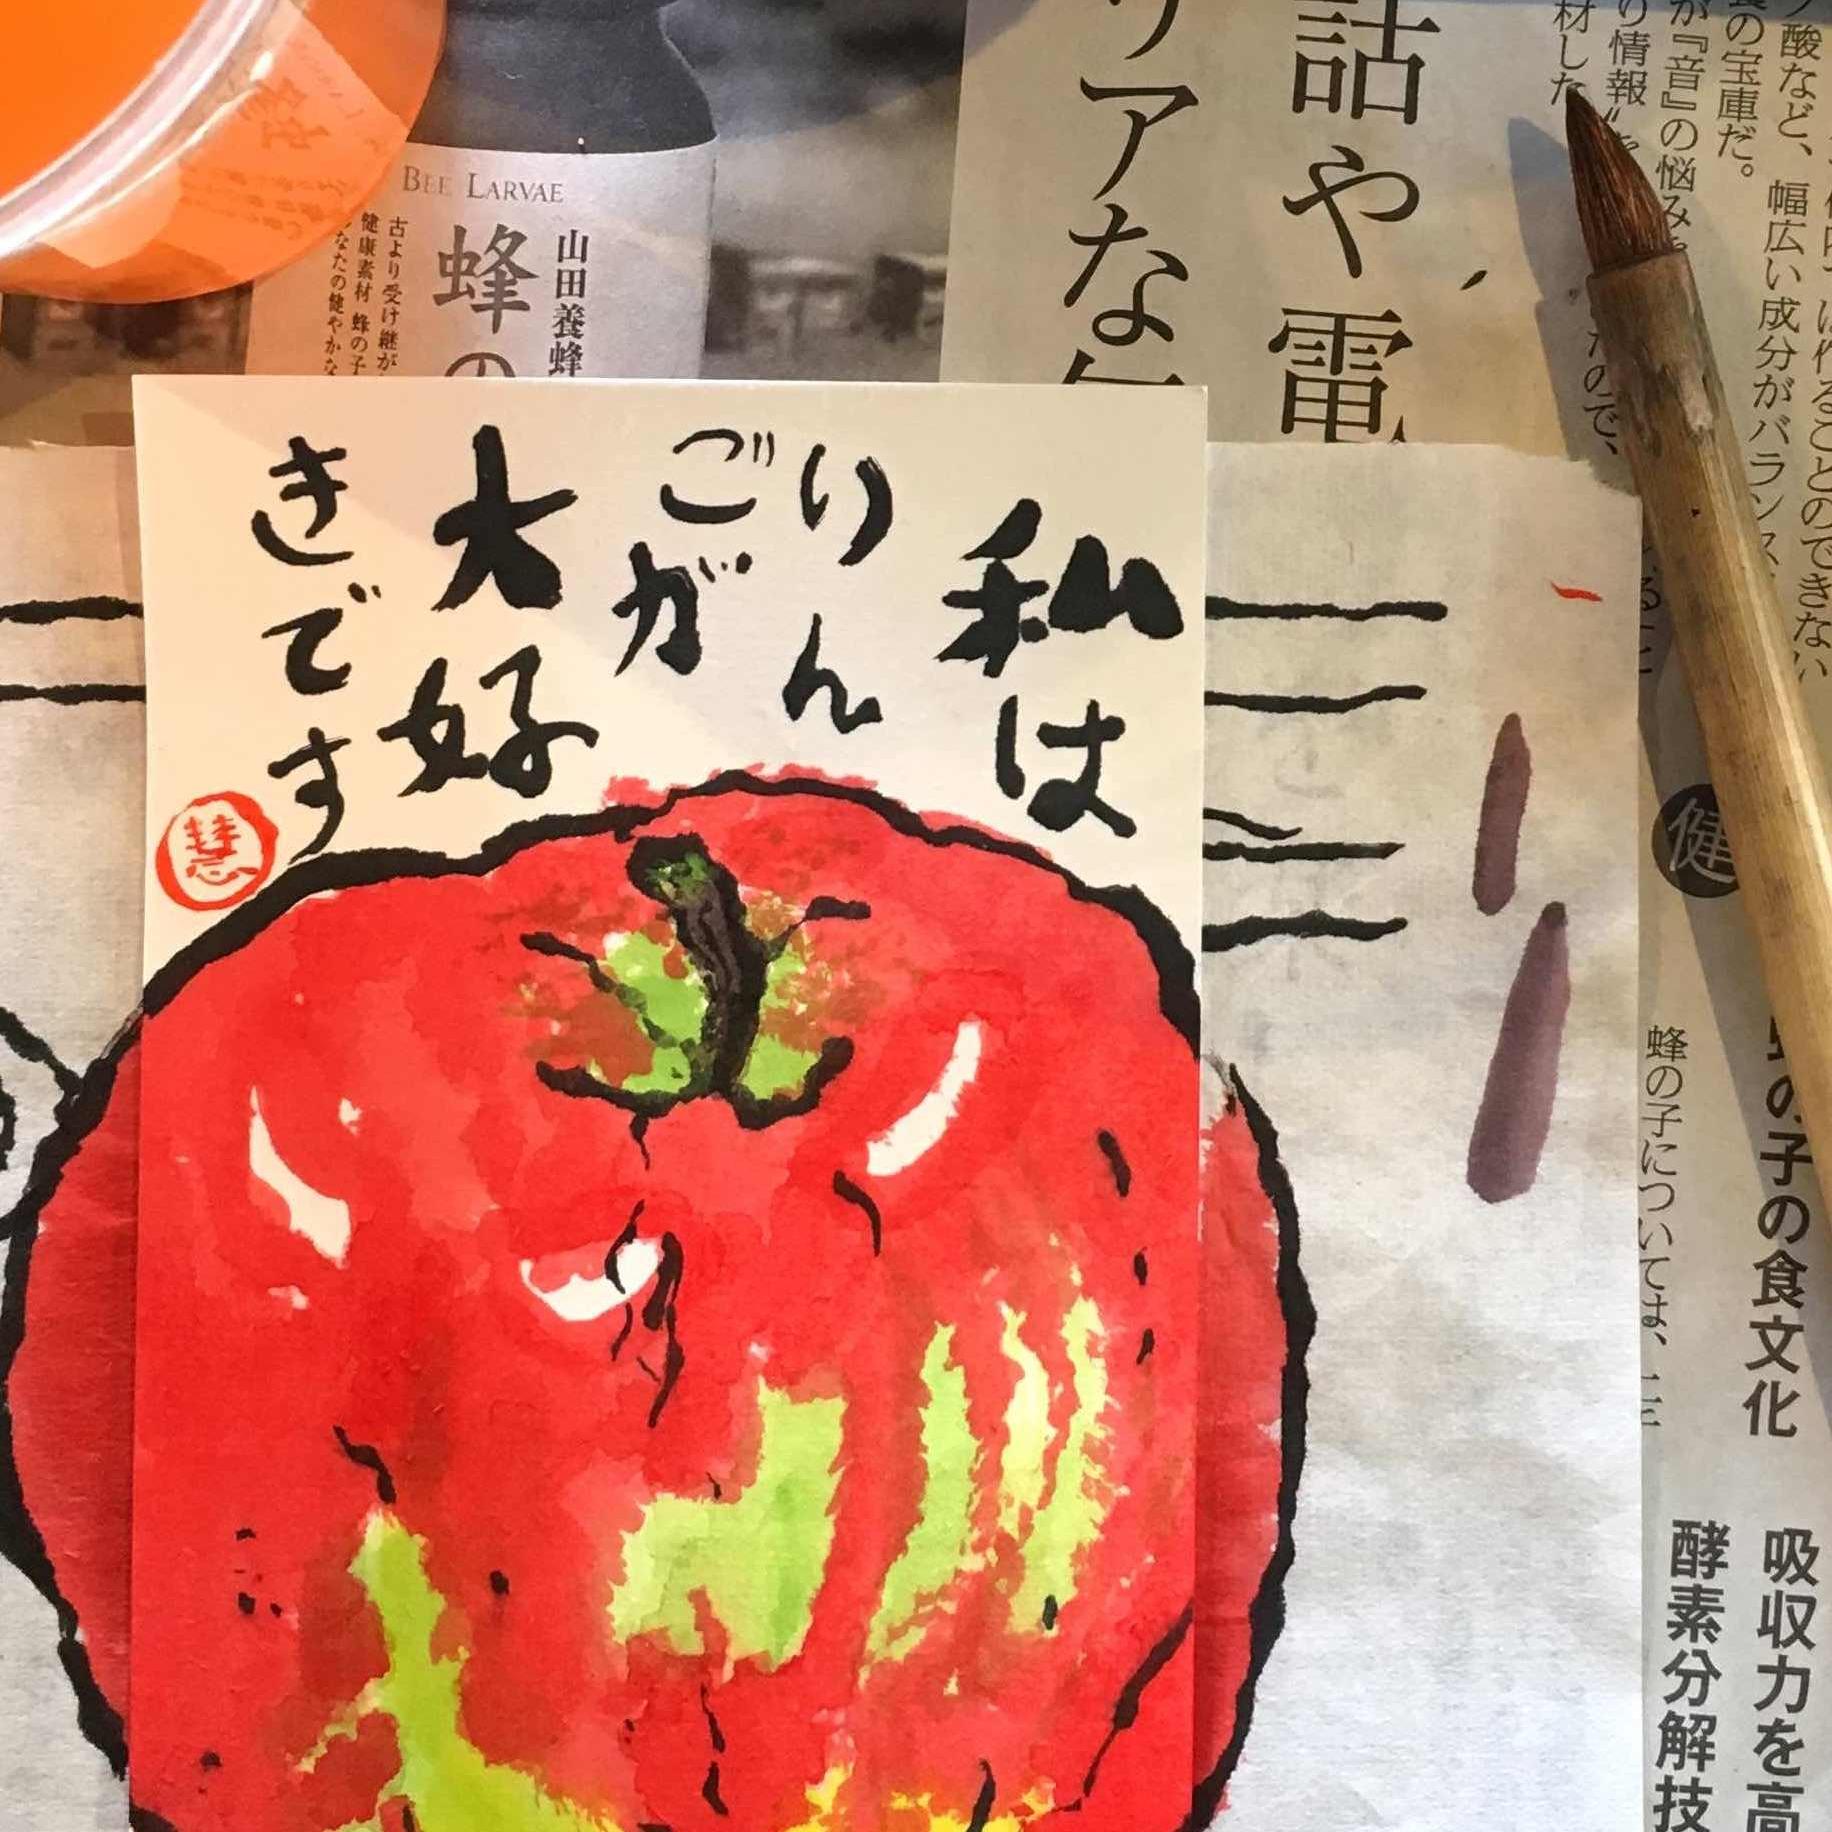 日式繪手紙明信片 - 課程簡介:由本地日本繪手紙藝術達人介紹傳統繪手紙的起源與背後意義,講解繪手紙顔料特性、用法及竅門,從旁協作教授繪手紙獨有方式繪畫包括吊筆畫線、上色、題字及簽名技藝等。時間:每節1.5小時i) Sep 2, 2:00 - 3:30 pm費用:HK$150 / 位